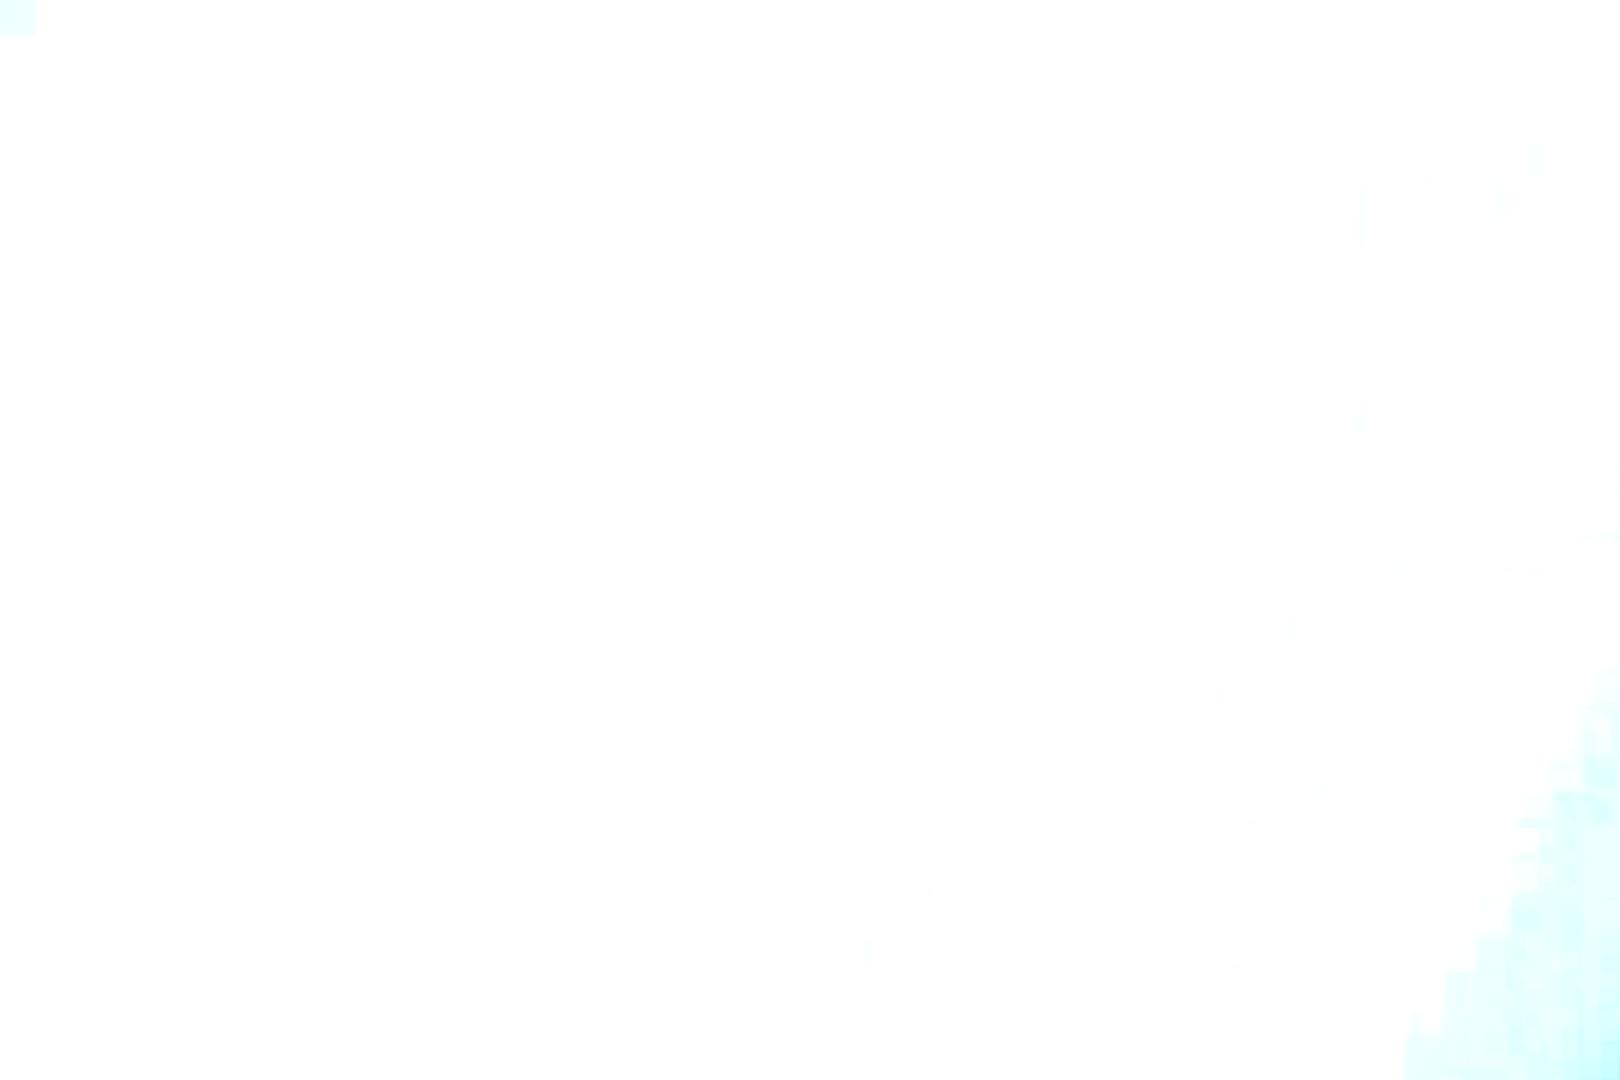 充血監督の深夜の運動会Vol.31 エロティックなOL | エッチなセックス  94画像 31